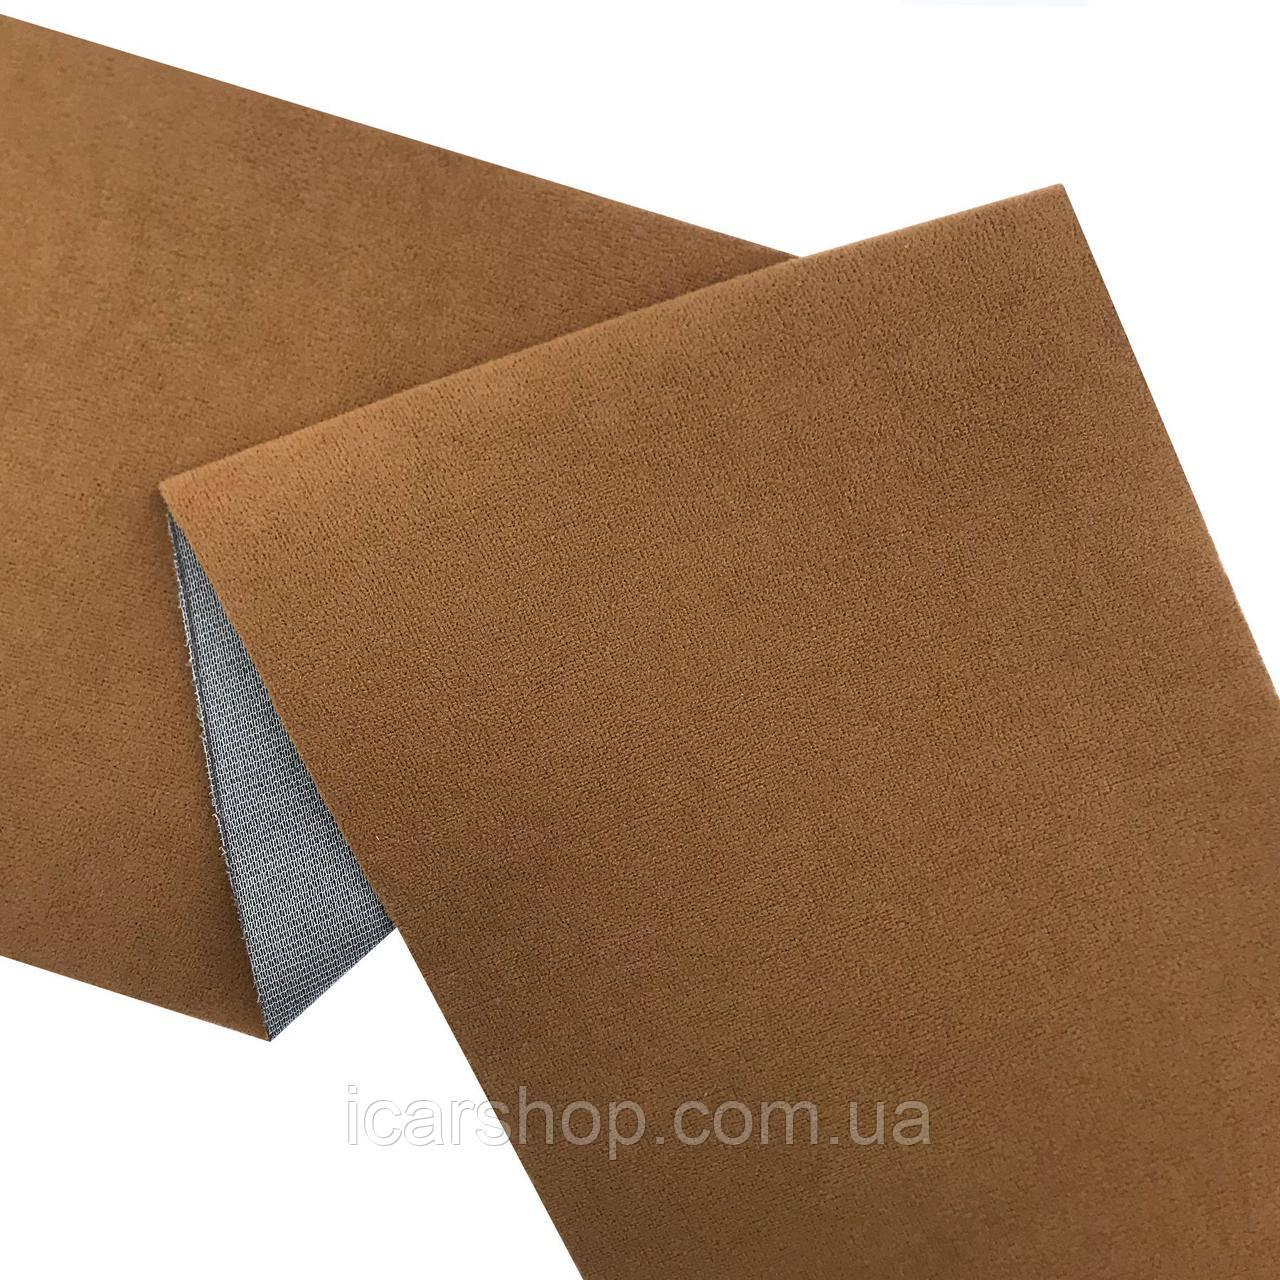 Потолочная ткань для автомобиля Frota 8 (ширина1,8м)